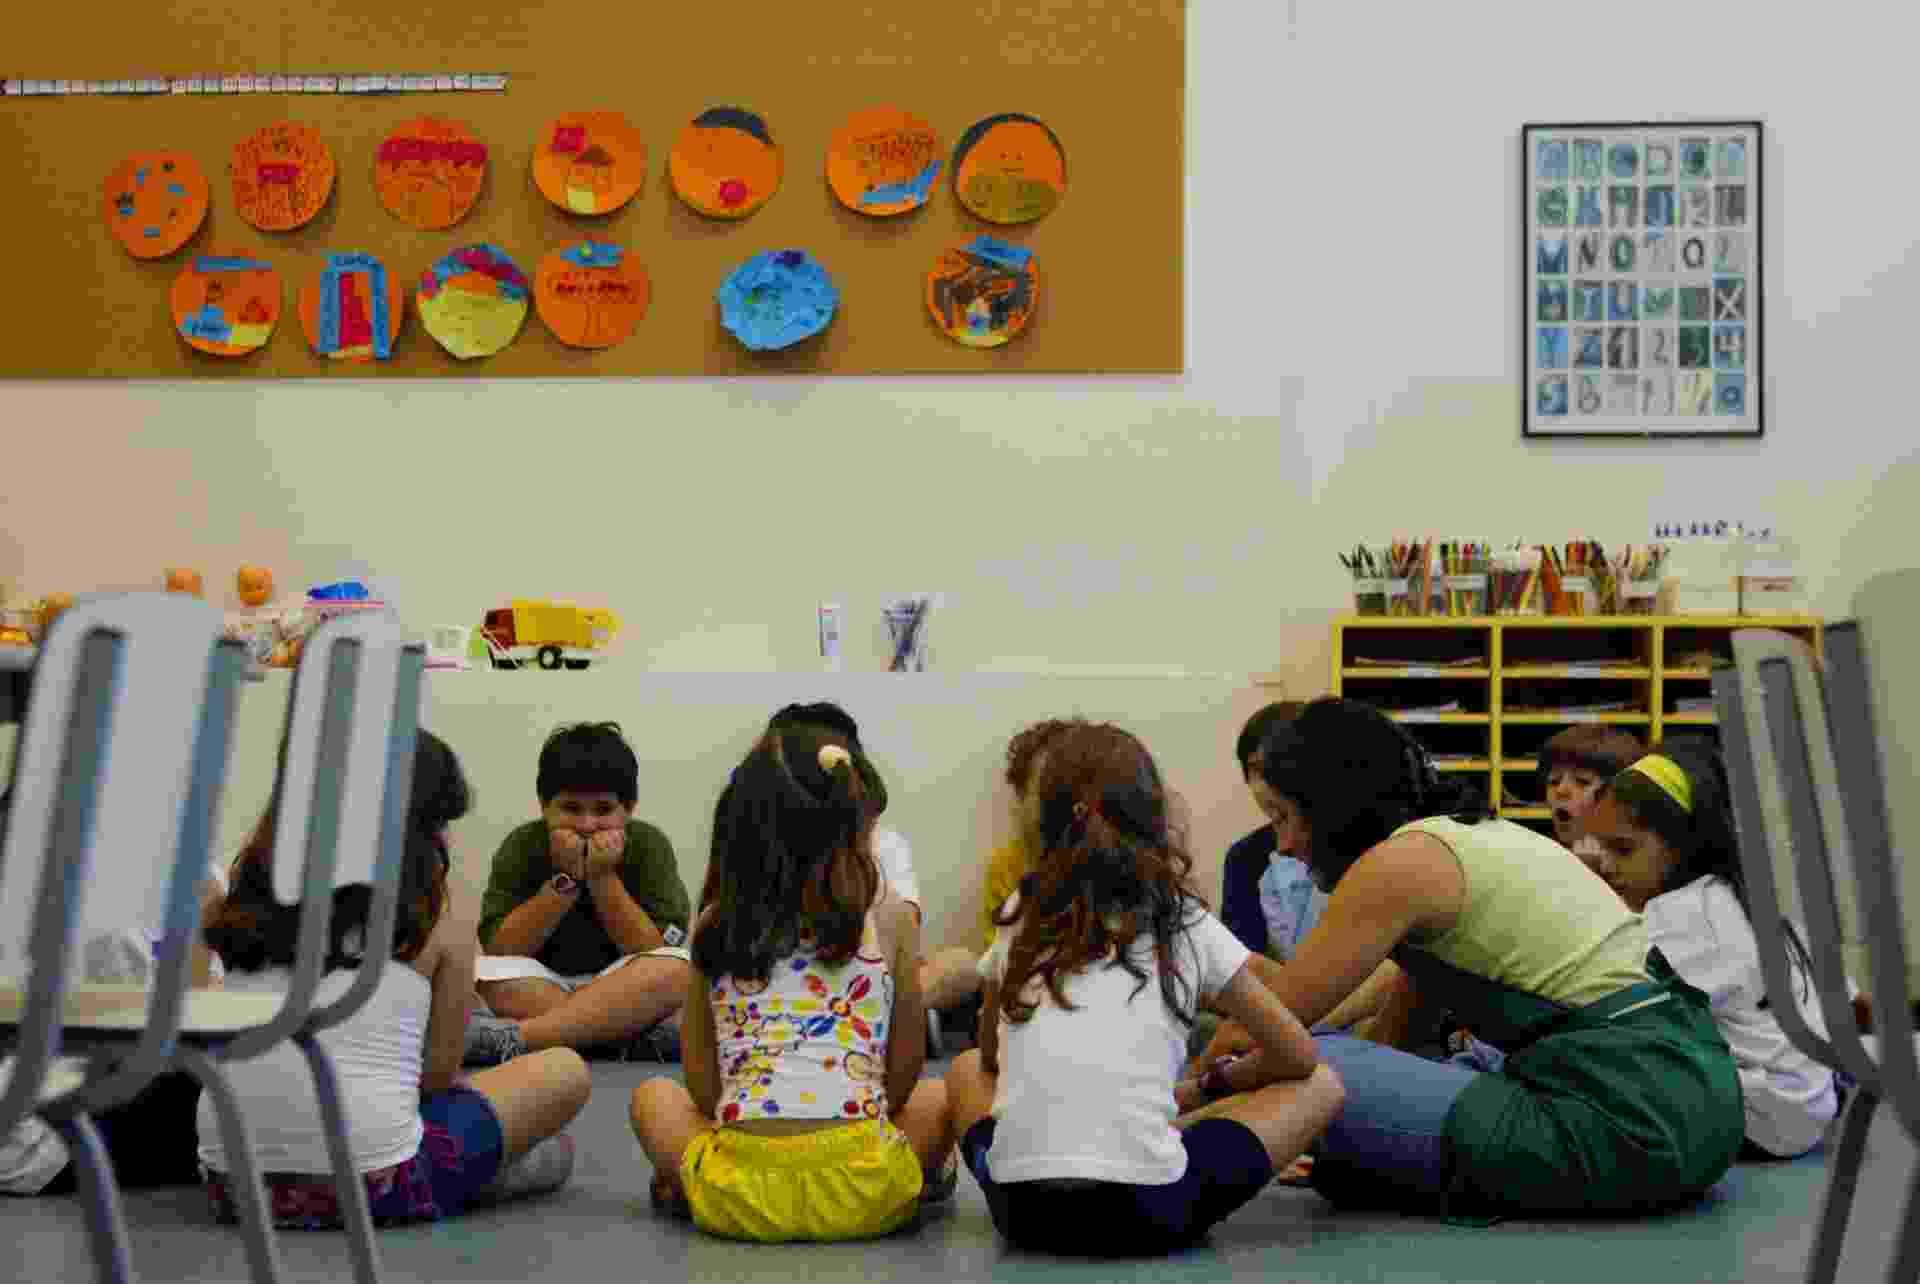 Escola educação infantil crianças alfabetização - Eduardo Knapp/Folhapress